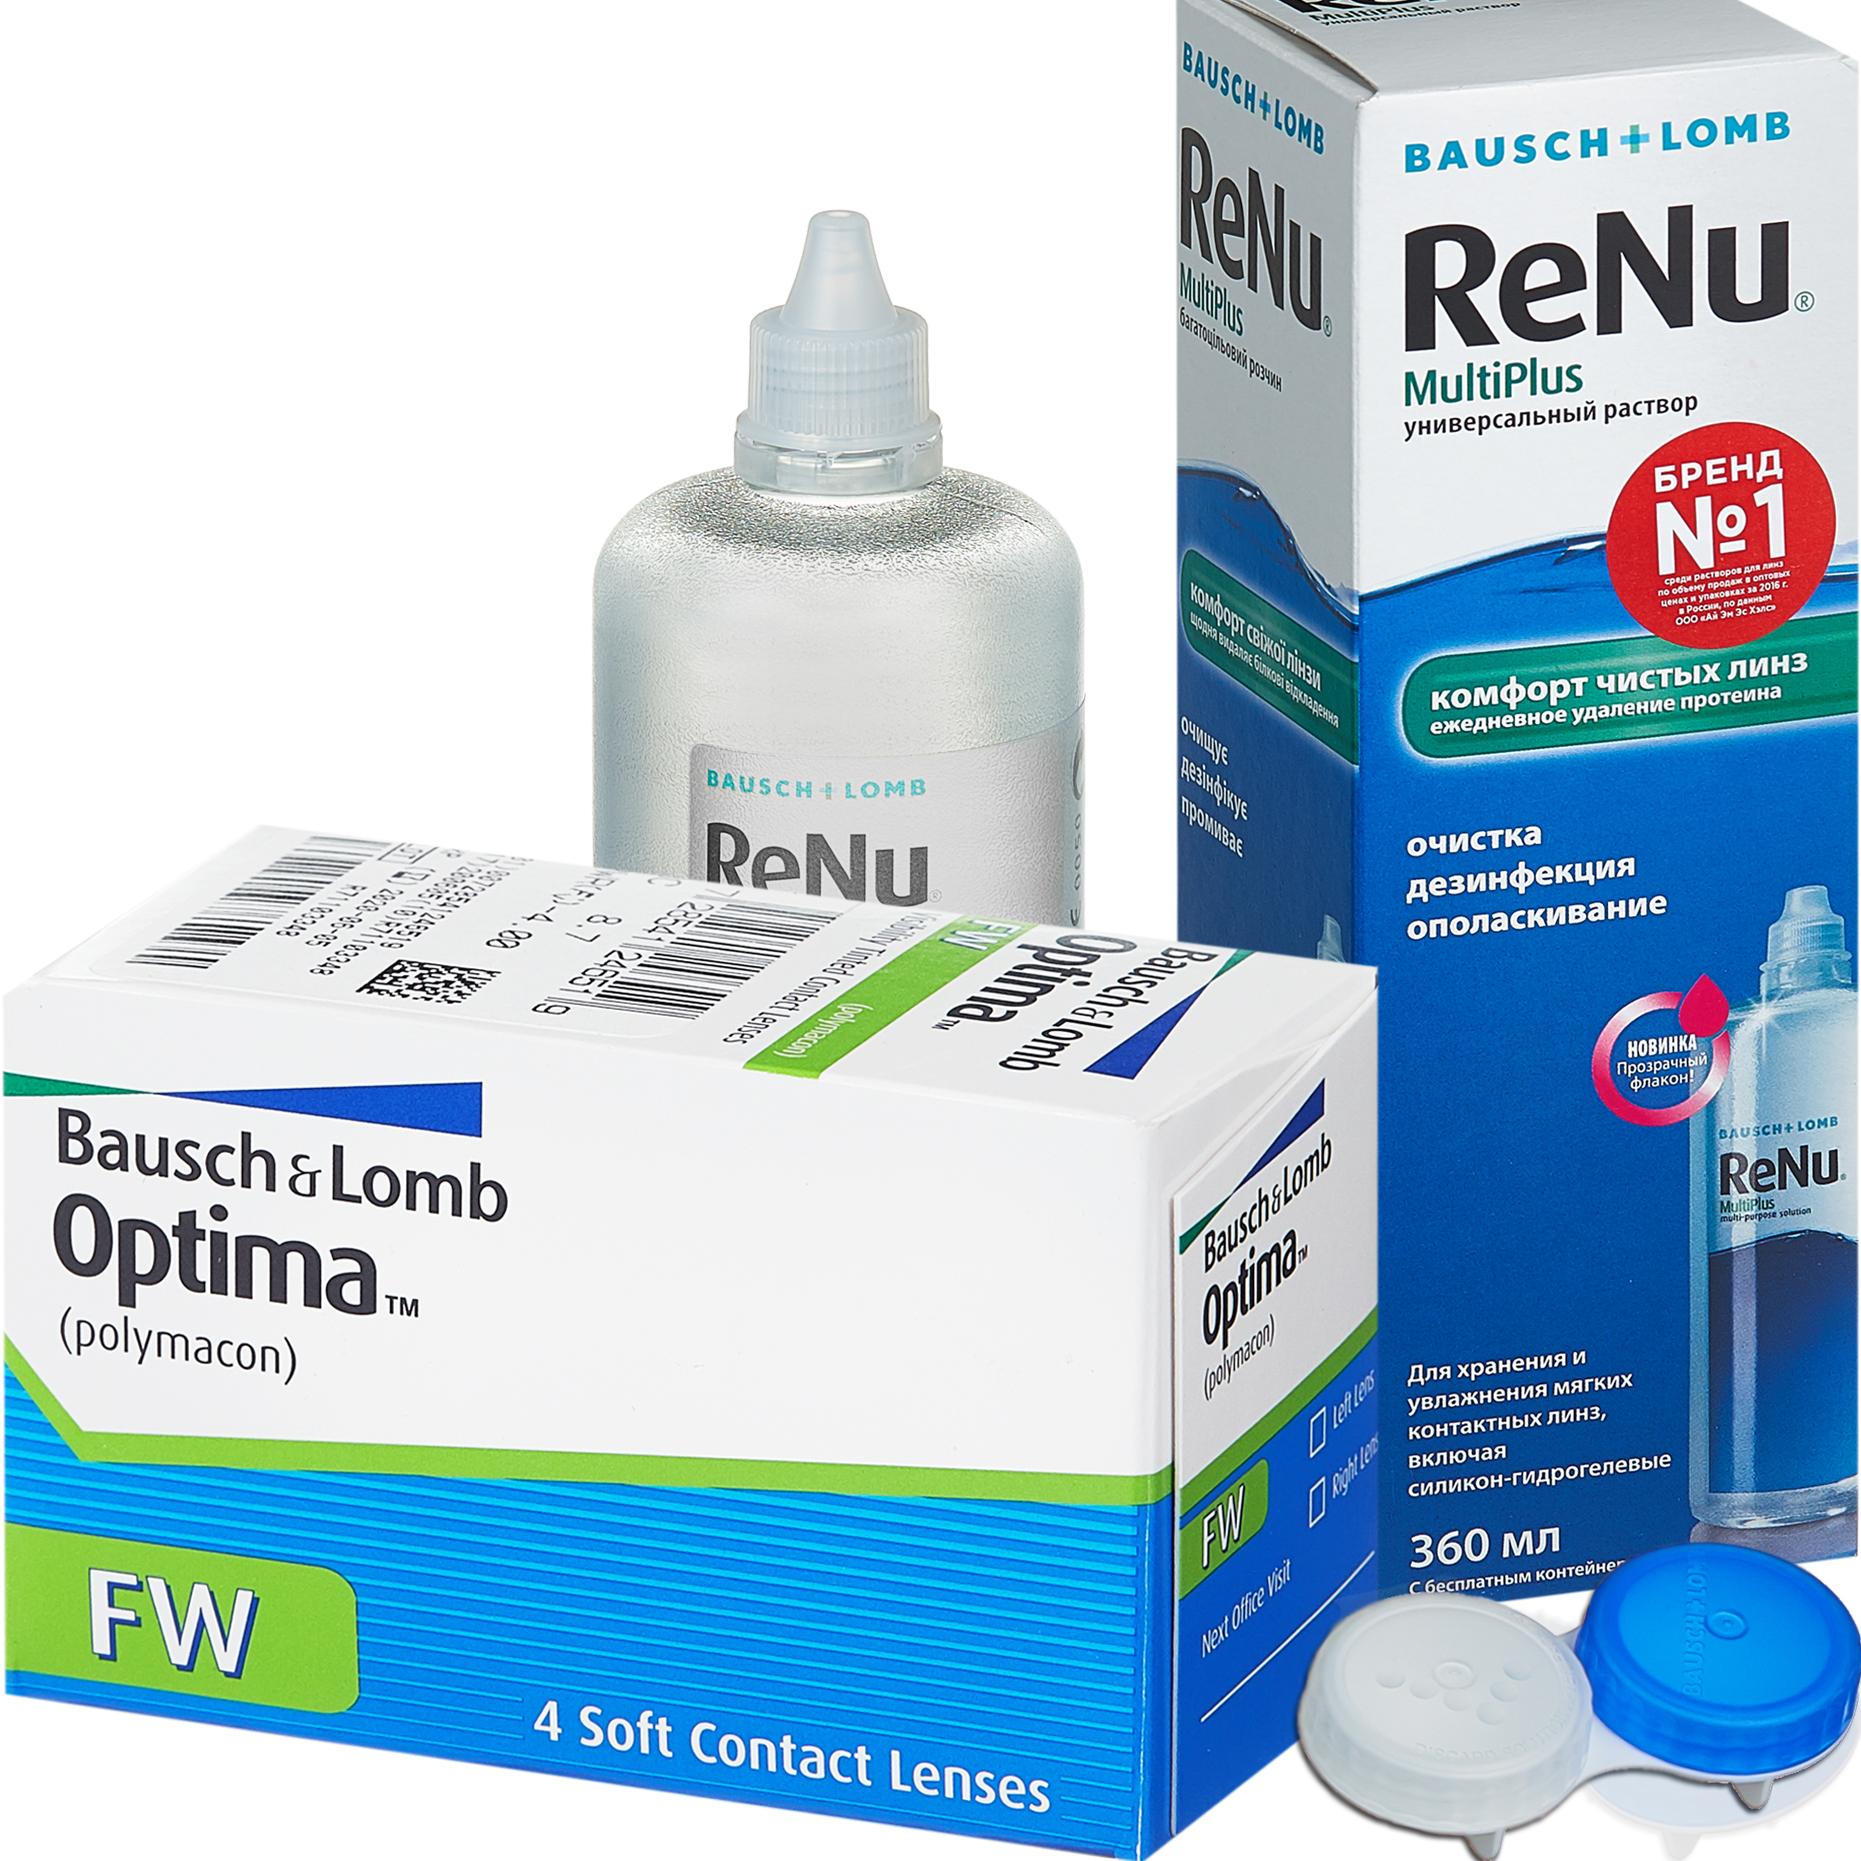 Купить Optima FW 4 линзы + ReNu MultiPlus, Контактные линзы Optima FW 4 линзы R 8.7 -2, 50 + Раствор ReNu Multi Plus 360 мл